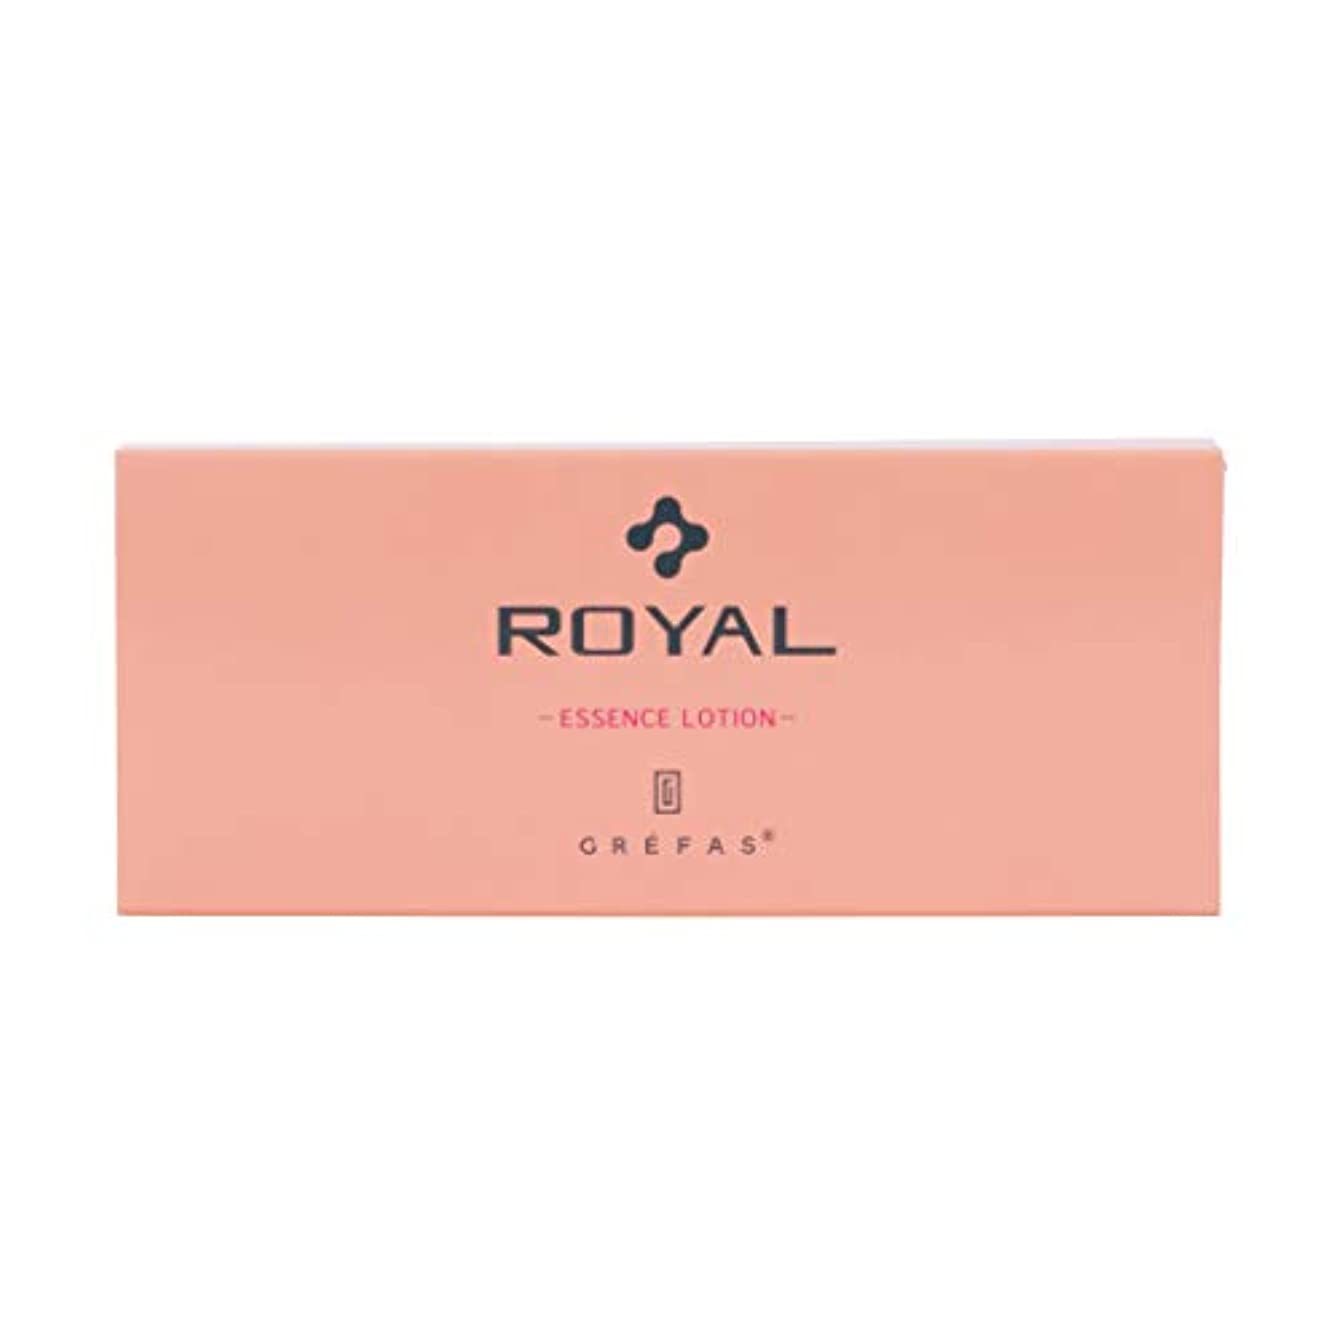 オリエンテーション対抗レパートリーGREFAS ROYAL エッセンスローション 1.3ml×10袋